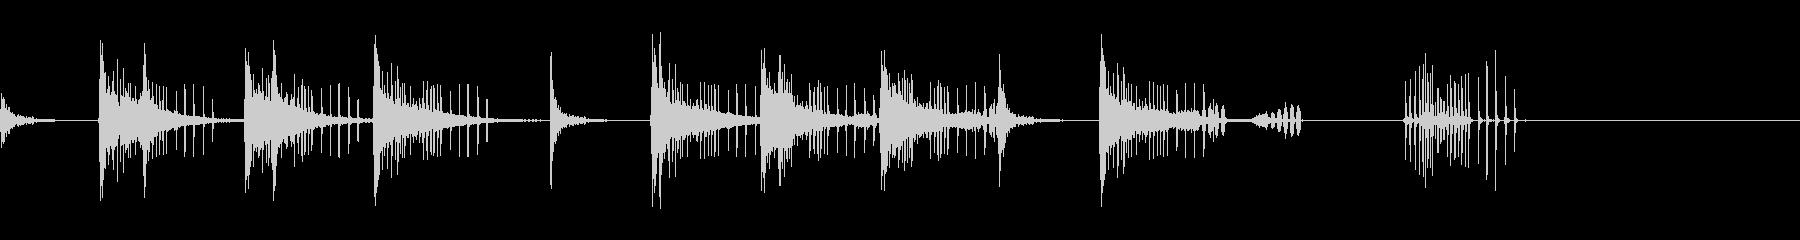 とんとん(派手な建設中の音)B16の未再生の波形